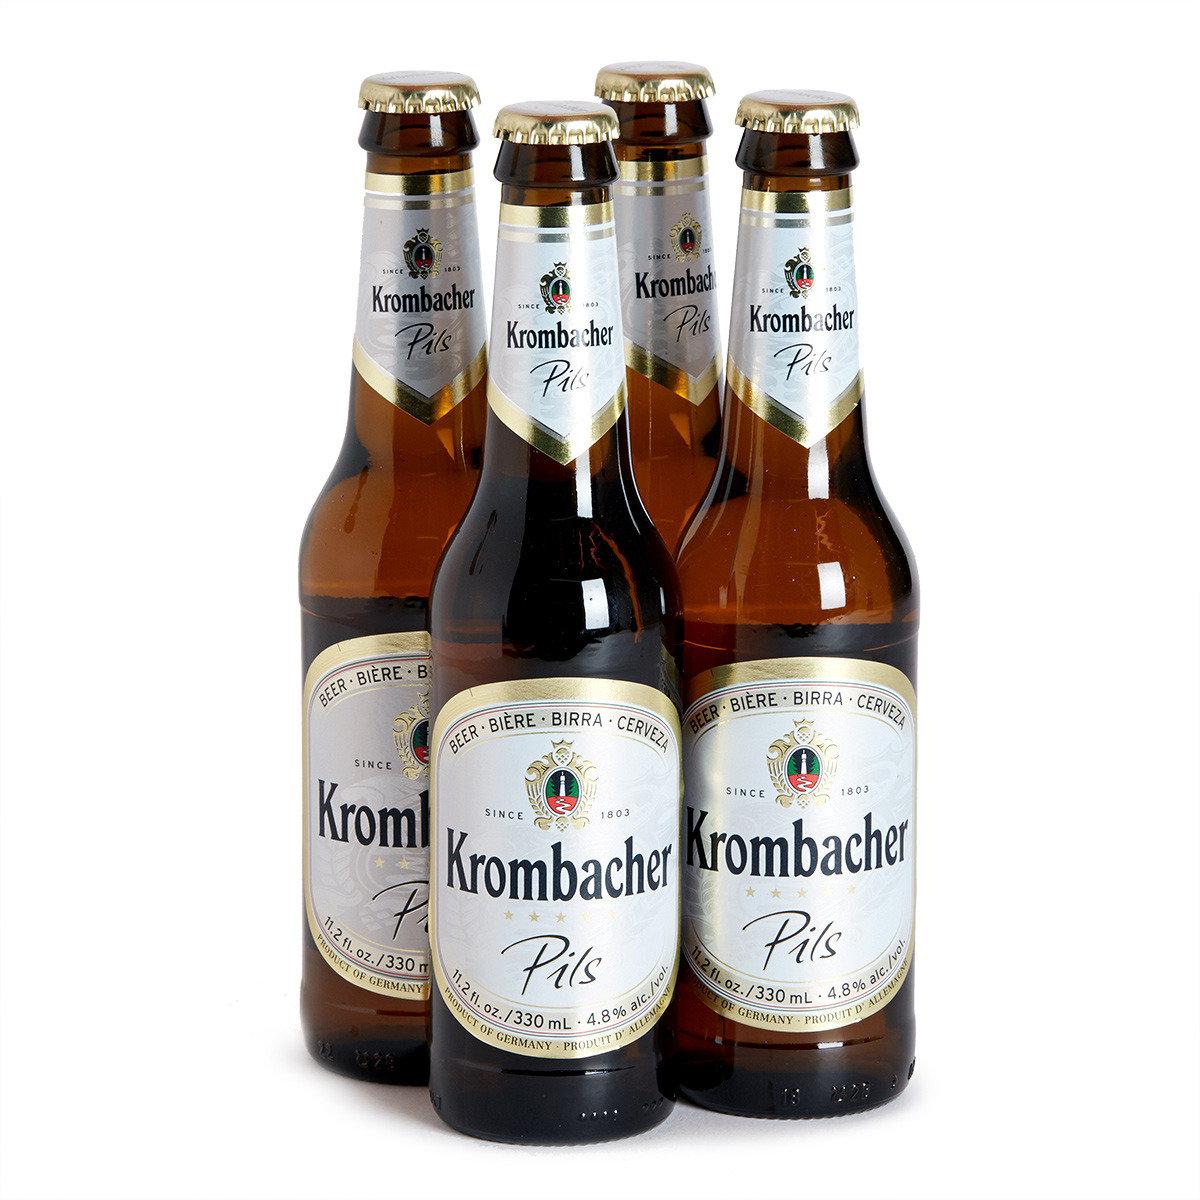 科倫布比爾森啤酒